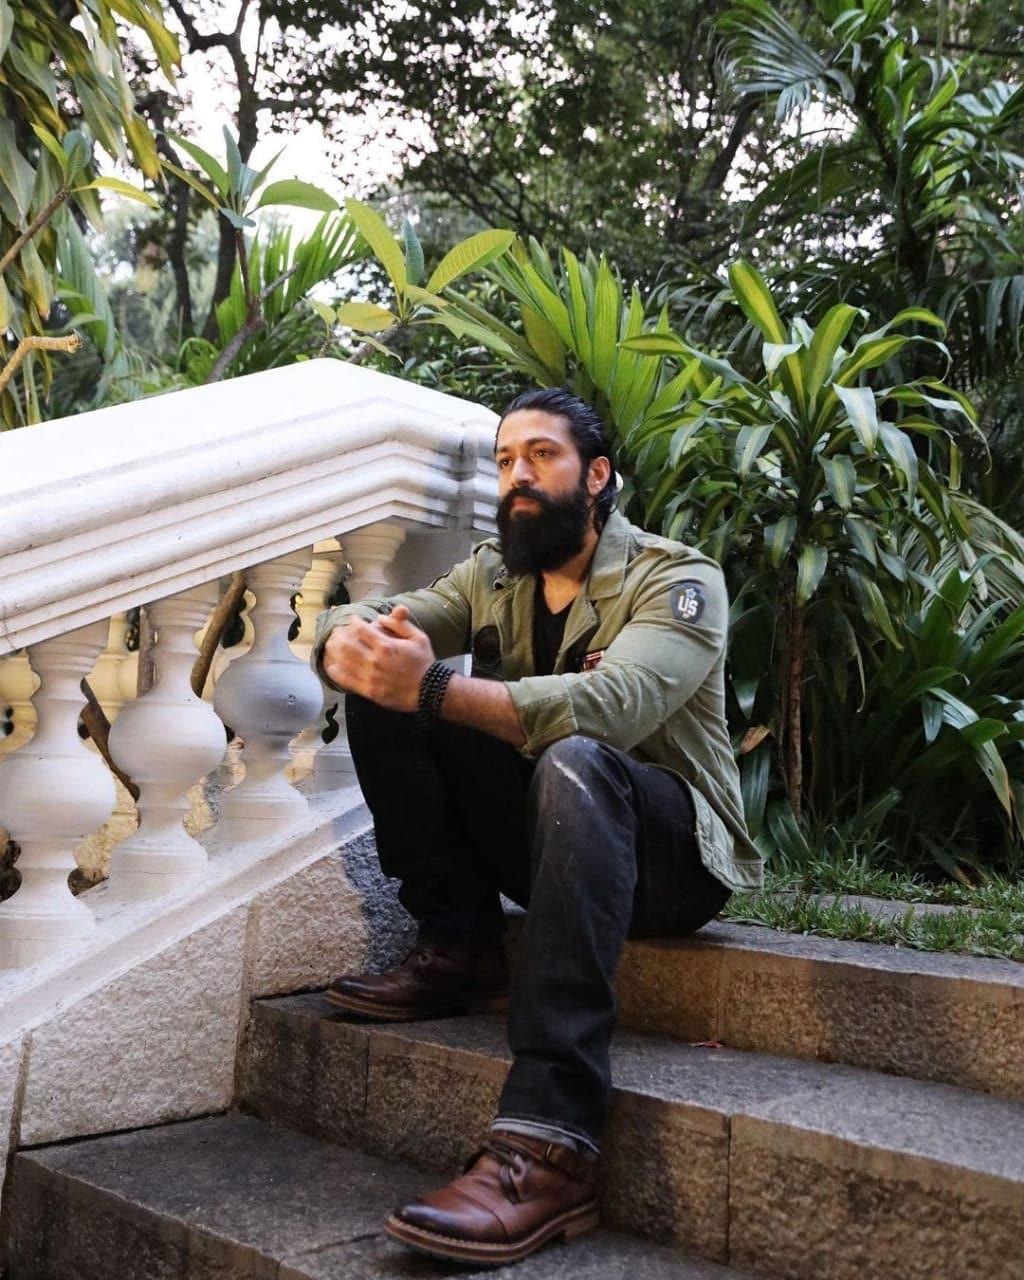 நடிகர் யாஷ் ( படங்கள் இன்ஸ்டாகிராம்)